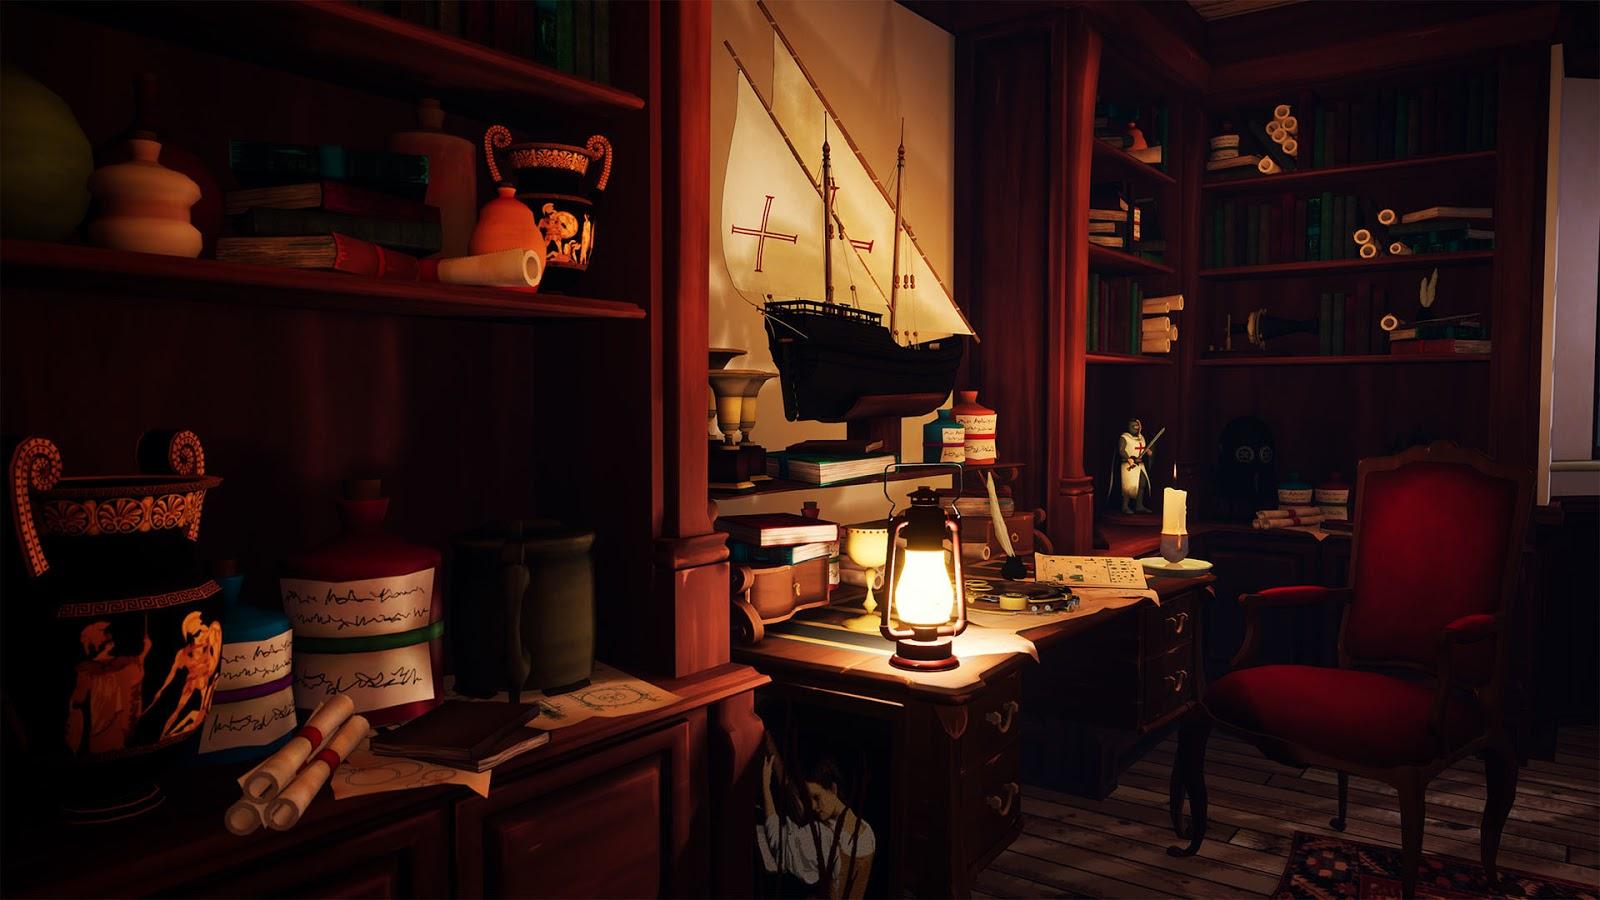 Único Marcos P3 Componente - Ideas de Arte Enmarcado - silvrlight.info